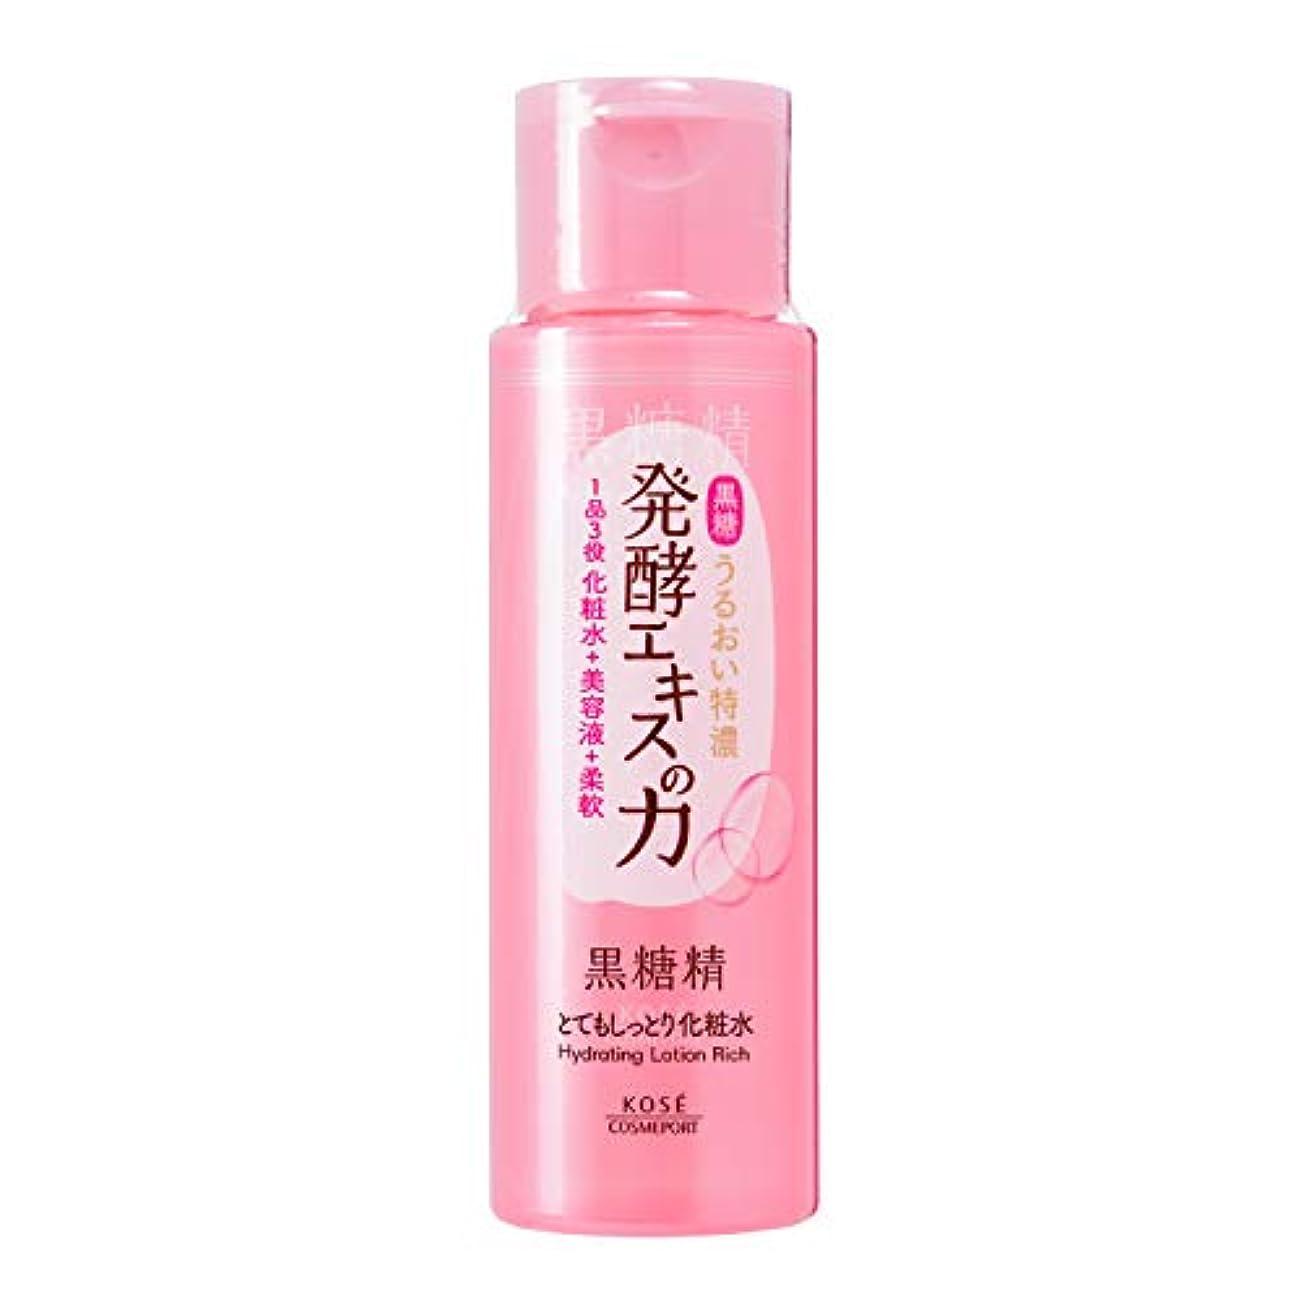 製品拮抗集めるKOSE 黒糖精 とてもしっとり化粧水 180mL